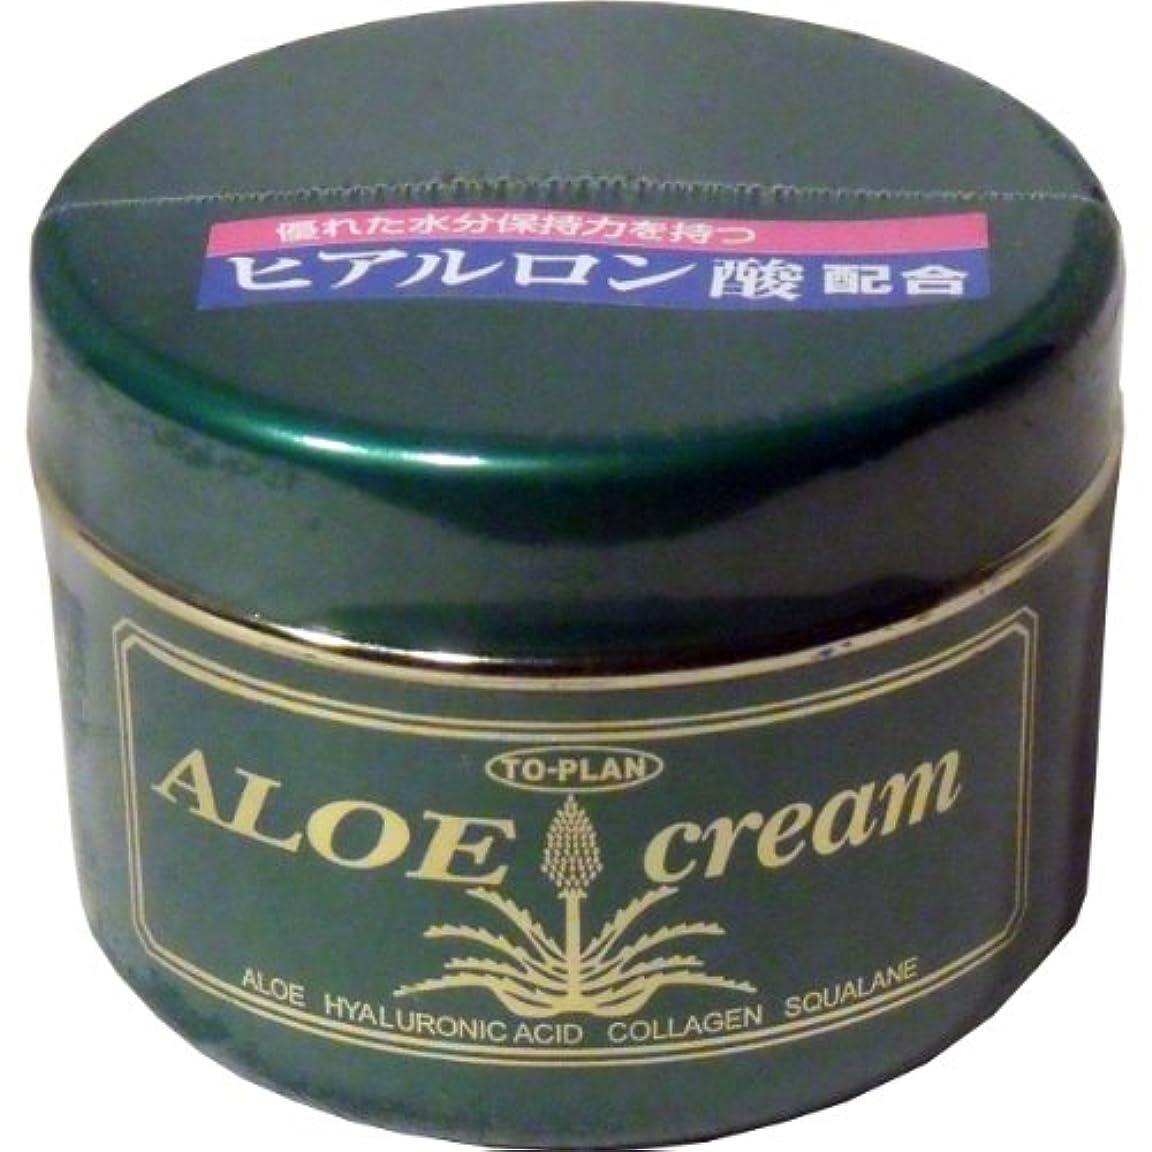 とても多くの複製するひねりトプラン ハーブフレッシュクリーム(アロエクリーム) ヒアルロン酸 170g ×3個セット